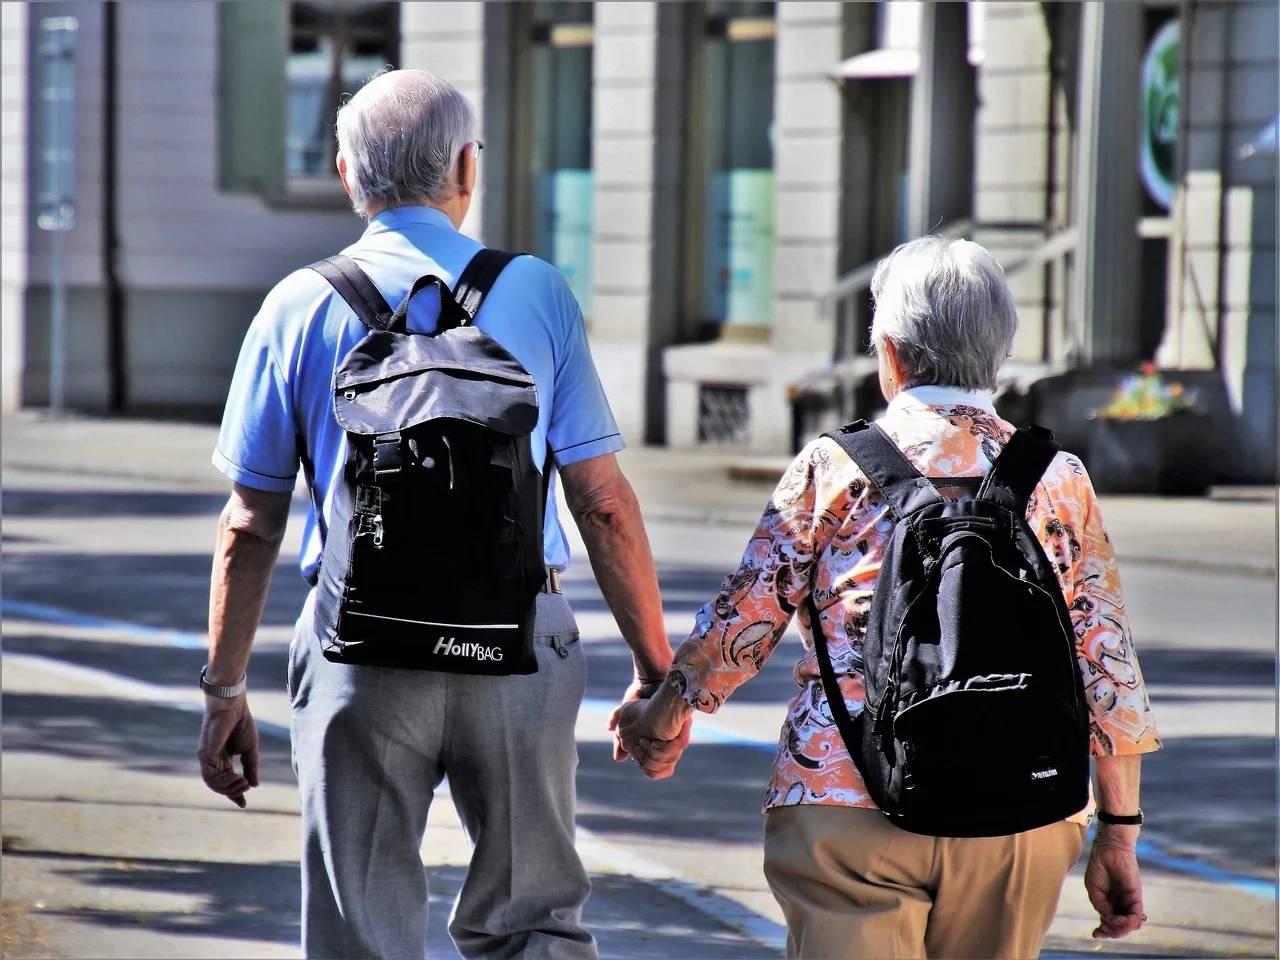 31省份已全部上涨养老金,为啥国家始终坚持养老金每年都涨?